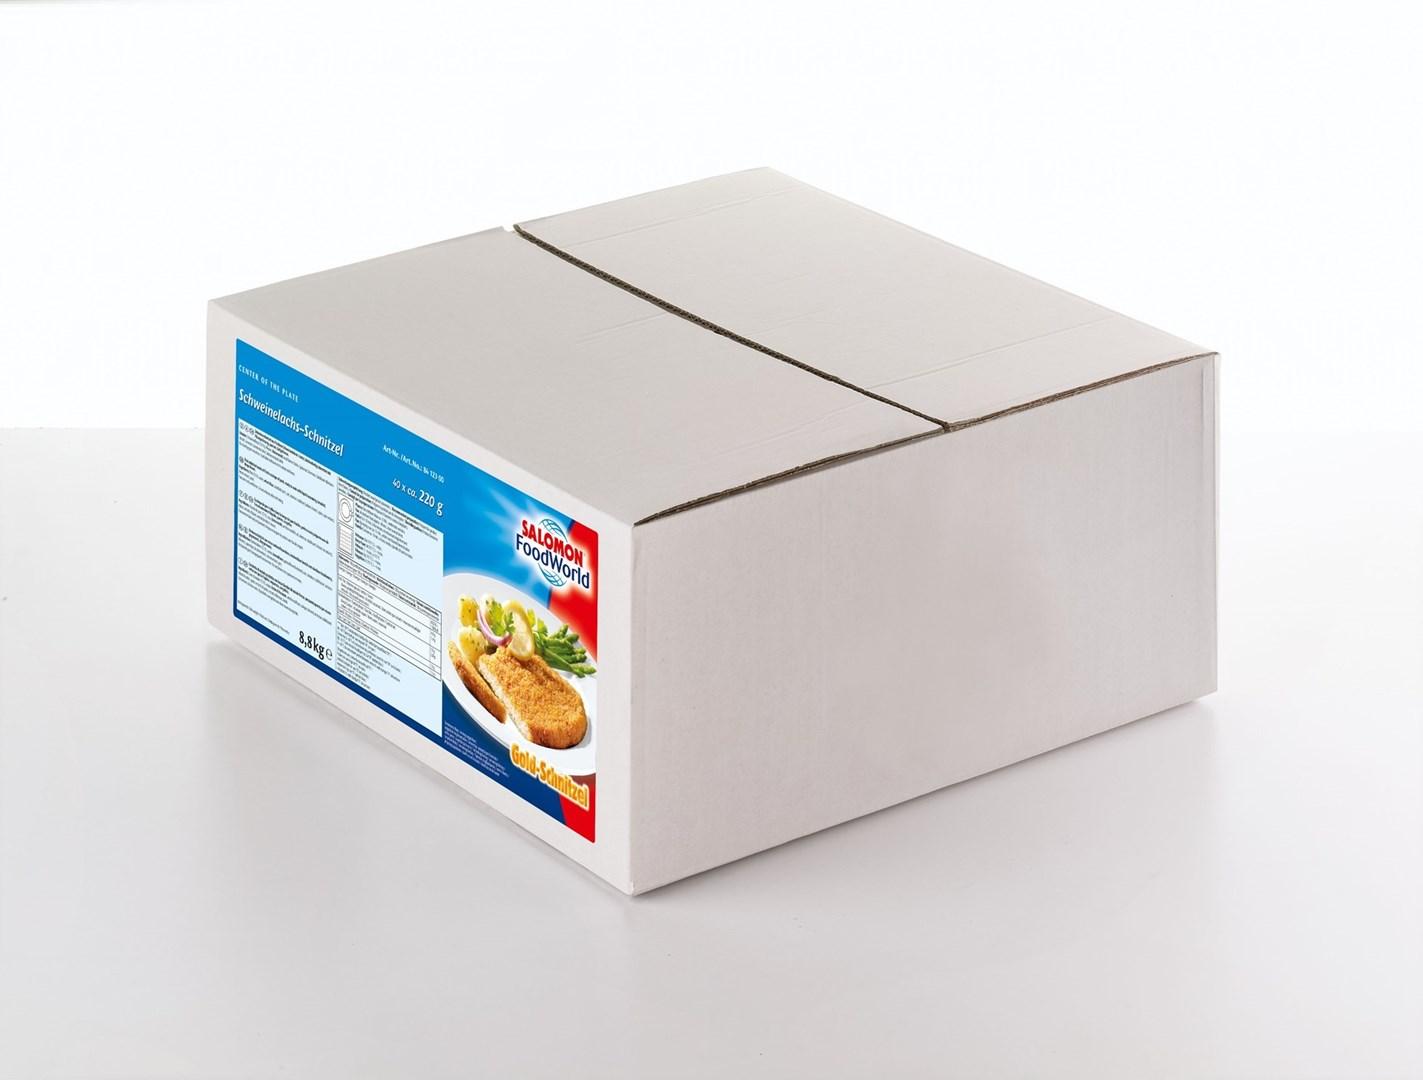 Productafbeelding MS Varkensfilet Schnitzel 220 g